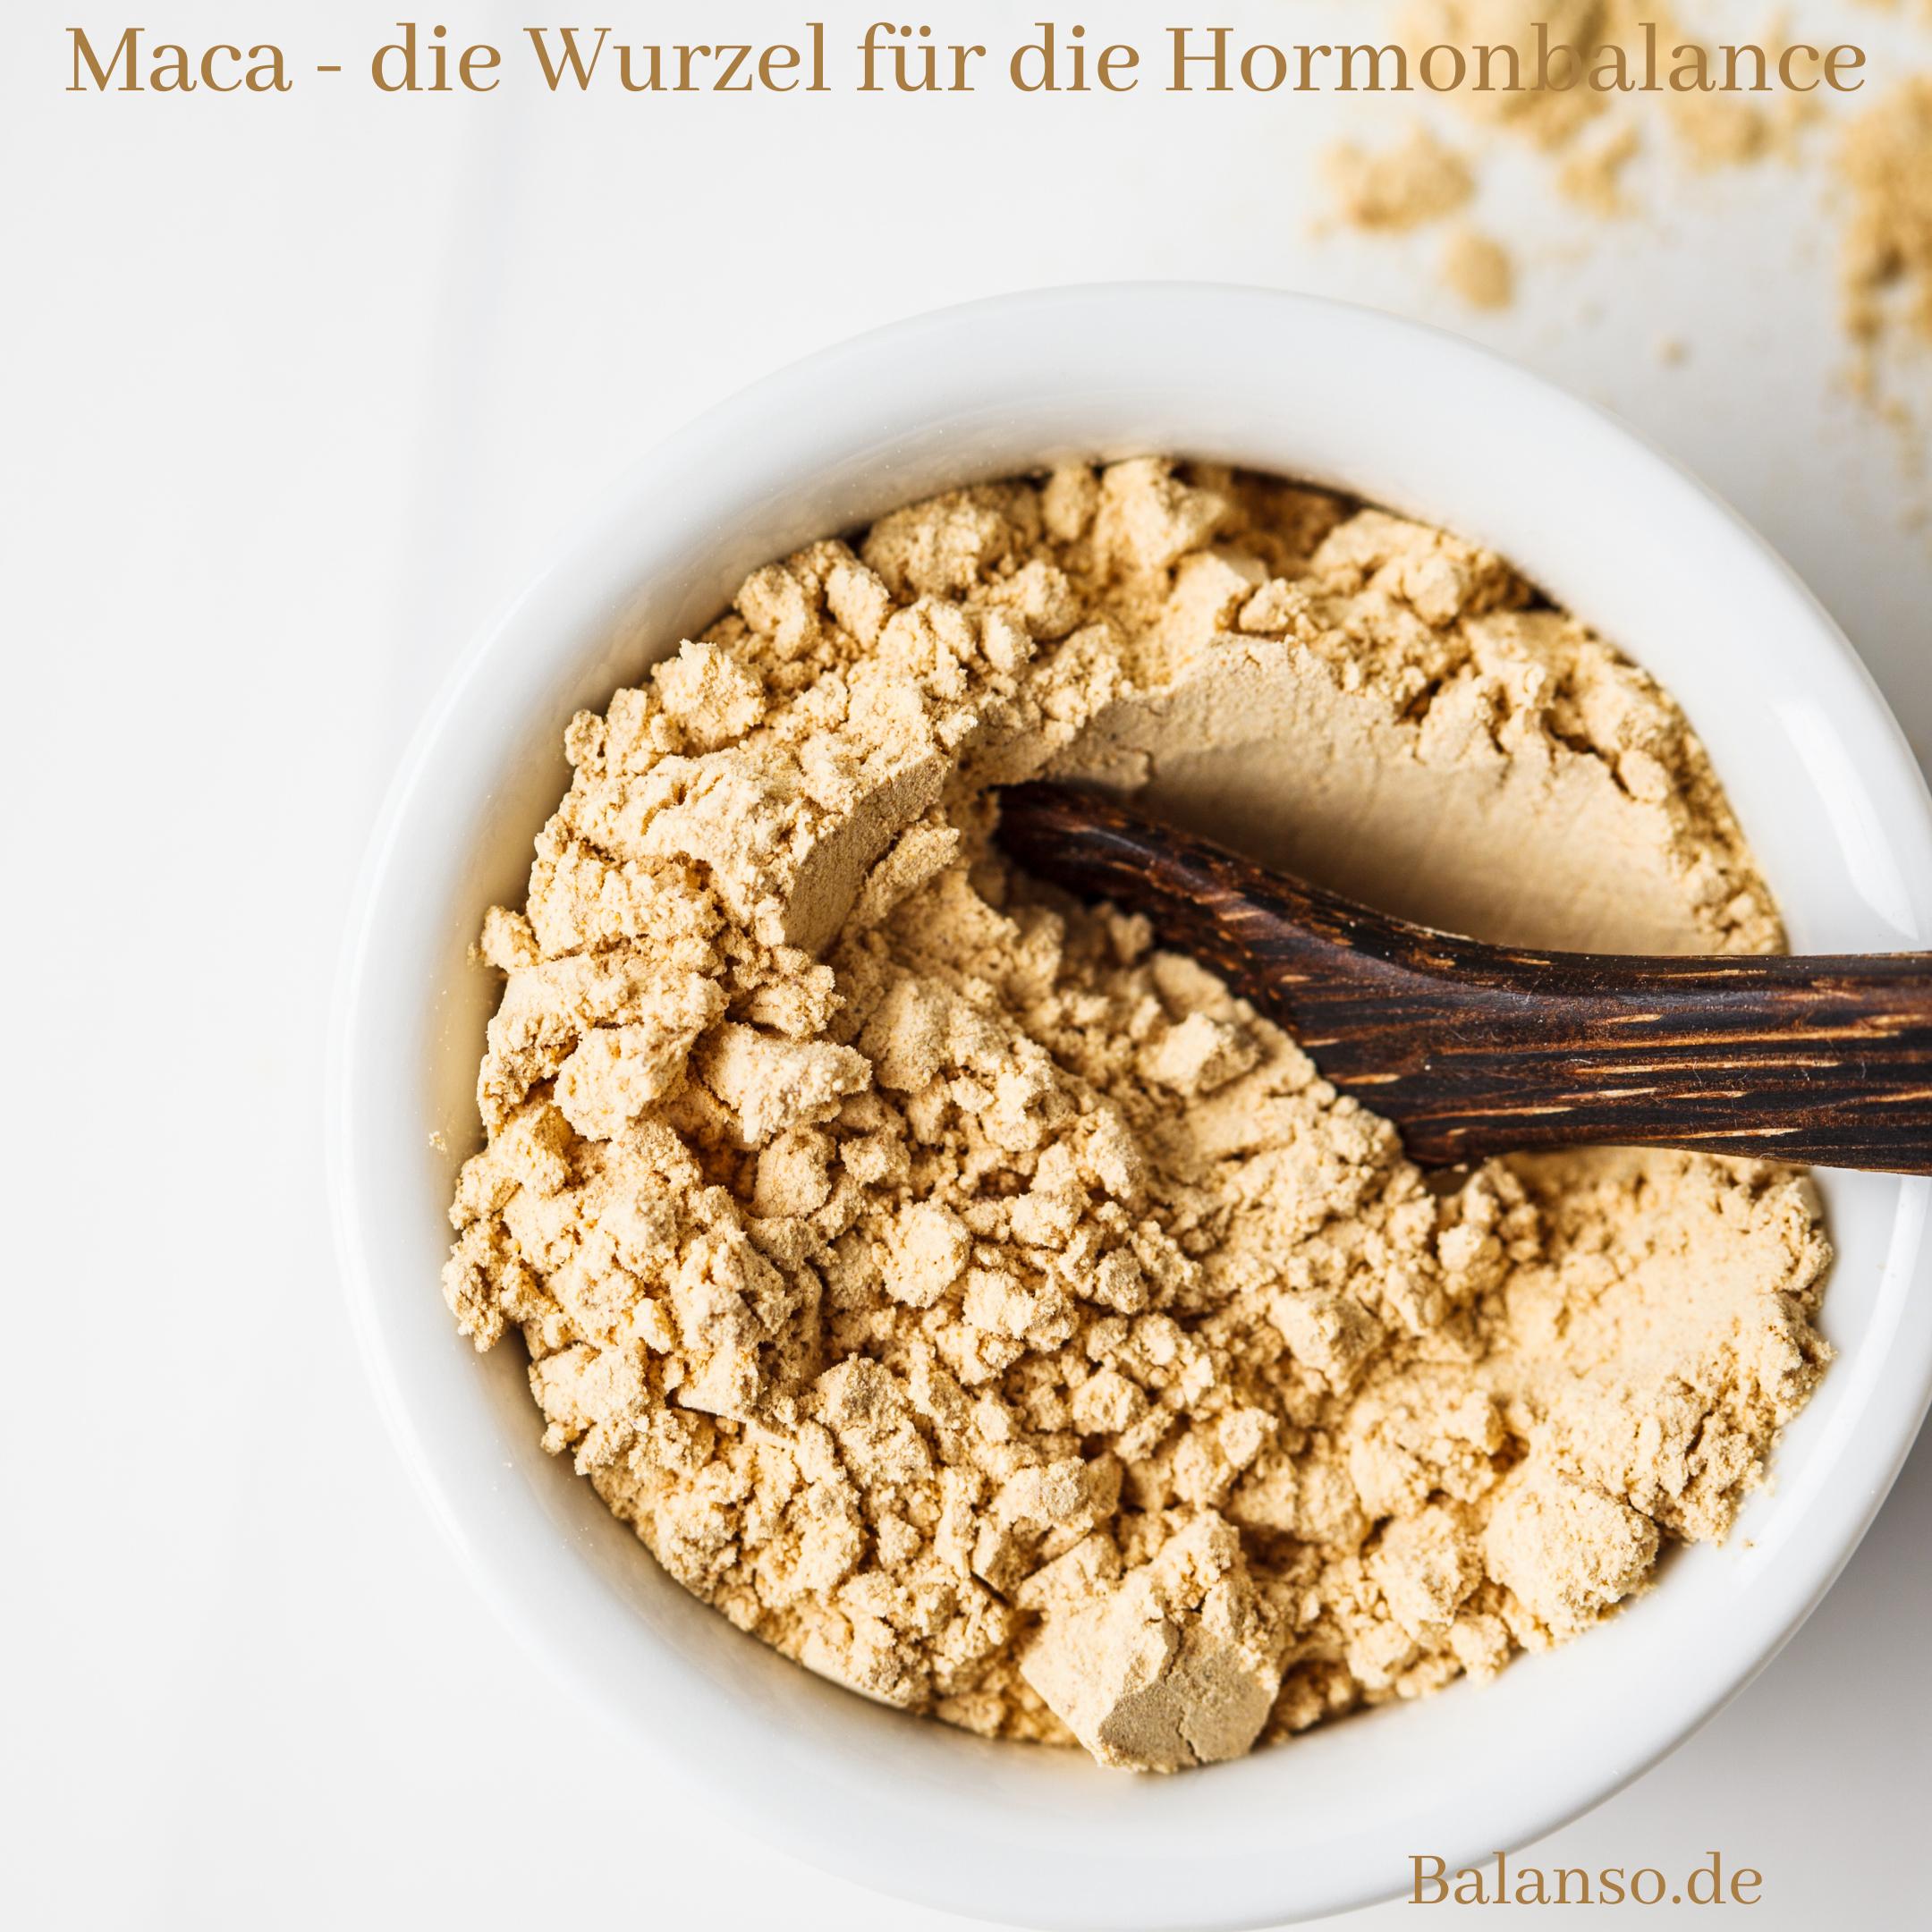 Maca -die Wurzel für unsere Hormonbalance (5)